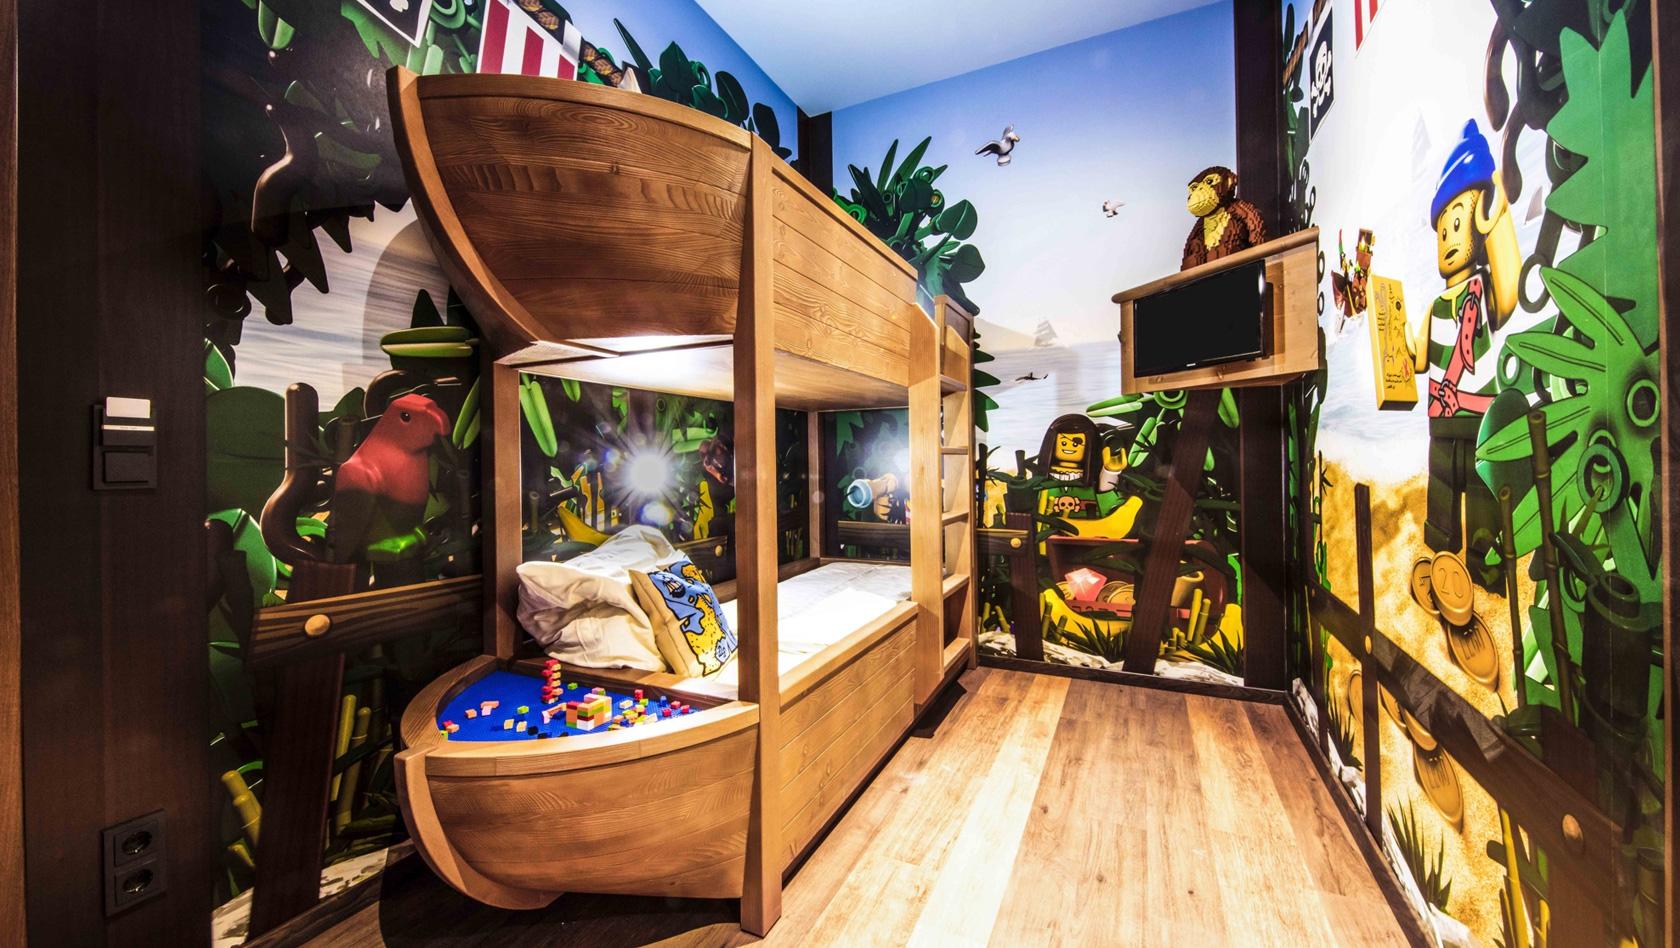 Full Size of Piraten Kinderzimmer Hotel Im Legoland Von Innen So Sehen Zimmer Aus Regal Sofa Regale Weiß Kinderzimmer Piraten Kinderzimmer